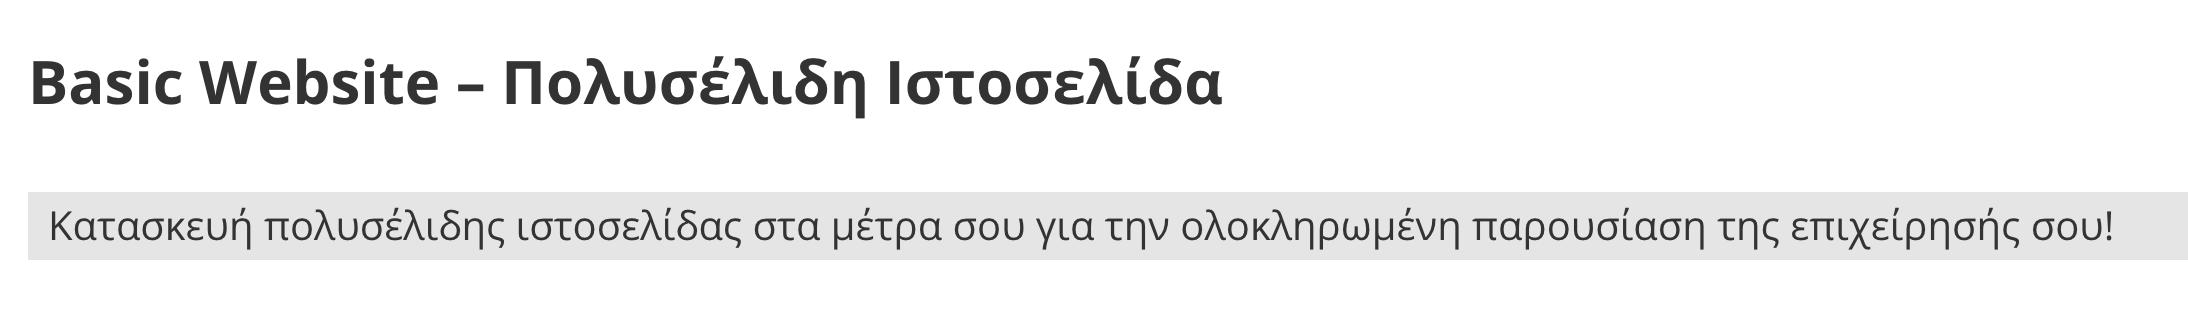 """H2 Tag """"Κατασκευή πολυσέλιδης ιστοσελίδας στα μέτρα σου για την ολοκληρωμένη παρουσίαση της επιχείρησής σου!"""" το οποίο βρίσκεται στη σελίδα """"Basic Website"""" του adsolutions.xo.gr"""